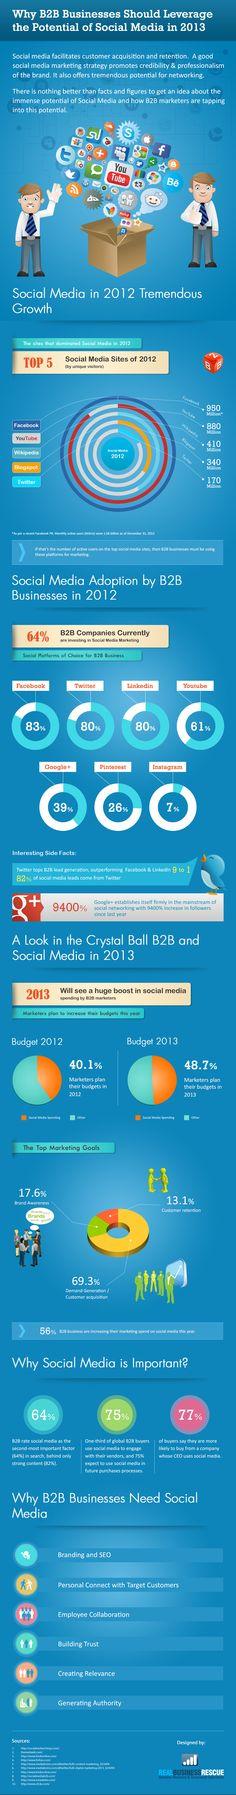 #socialmedia #socialmediamarketing #infograph #infographic #twitter #facebook #linkedin #youtube #pinterest #blogspot #b2b #2013 #2012 #business #online